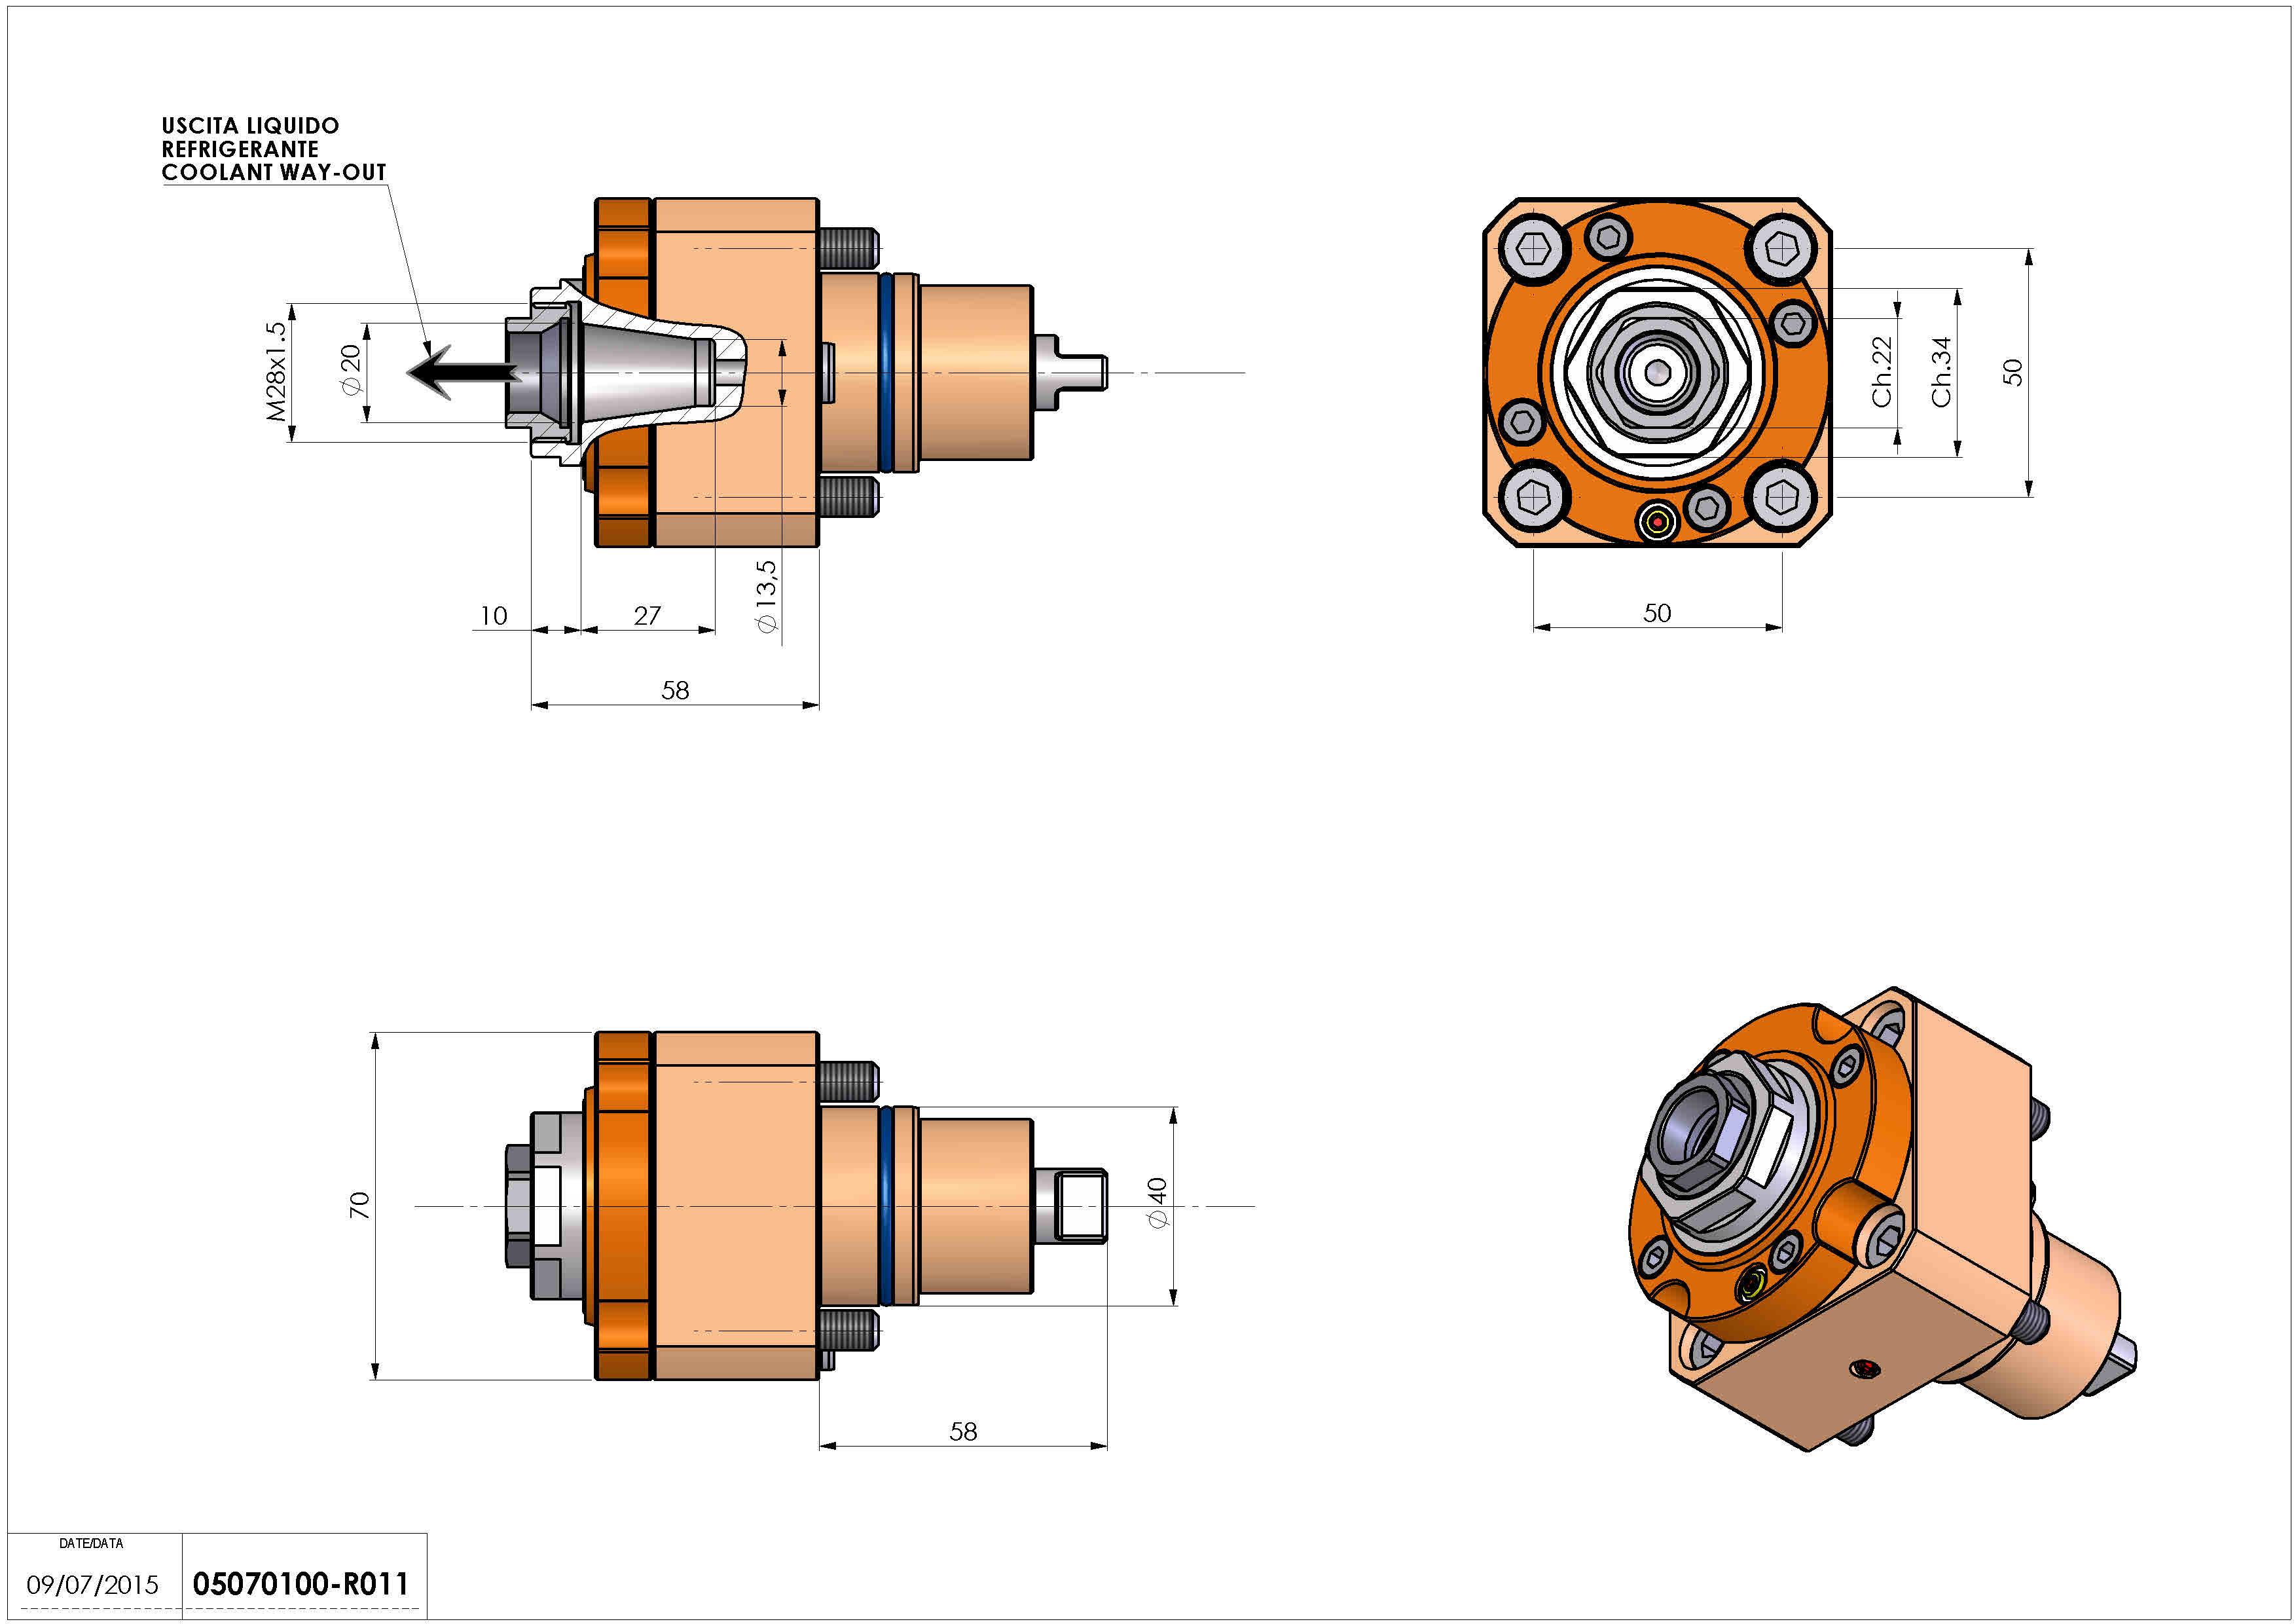 Technical image - LT-S D40 ER20F RF H58 BI.